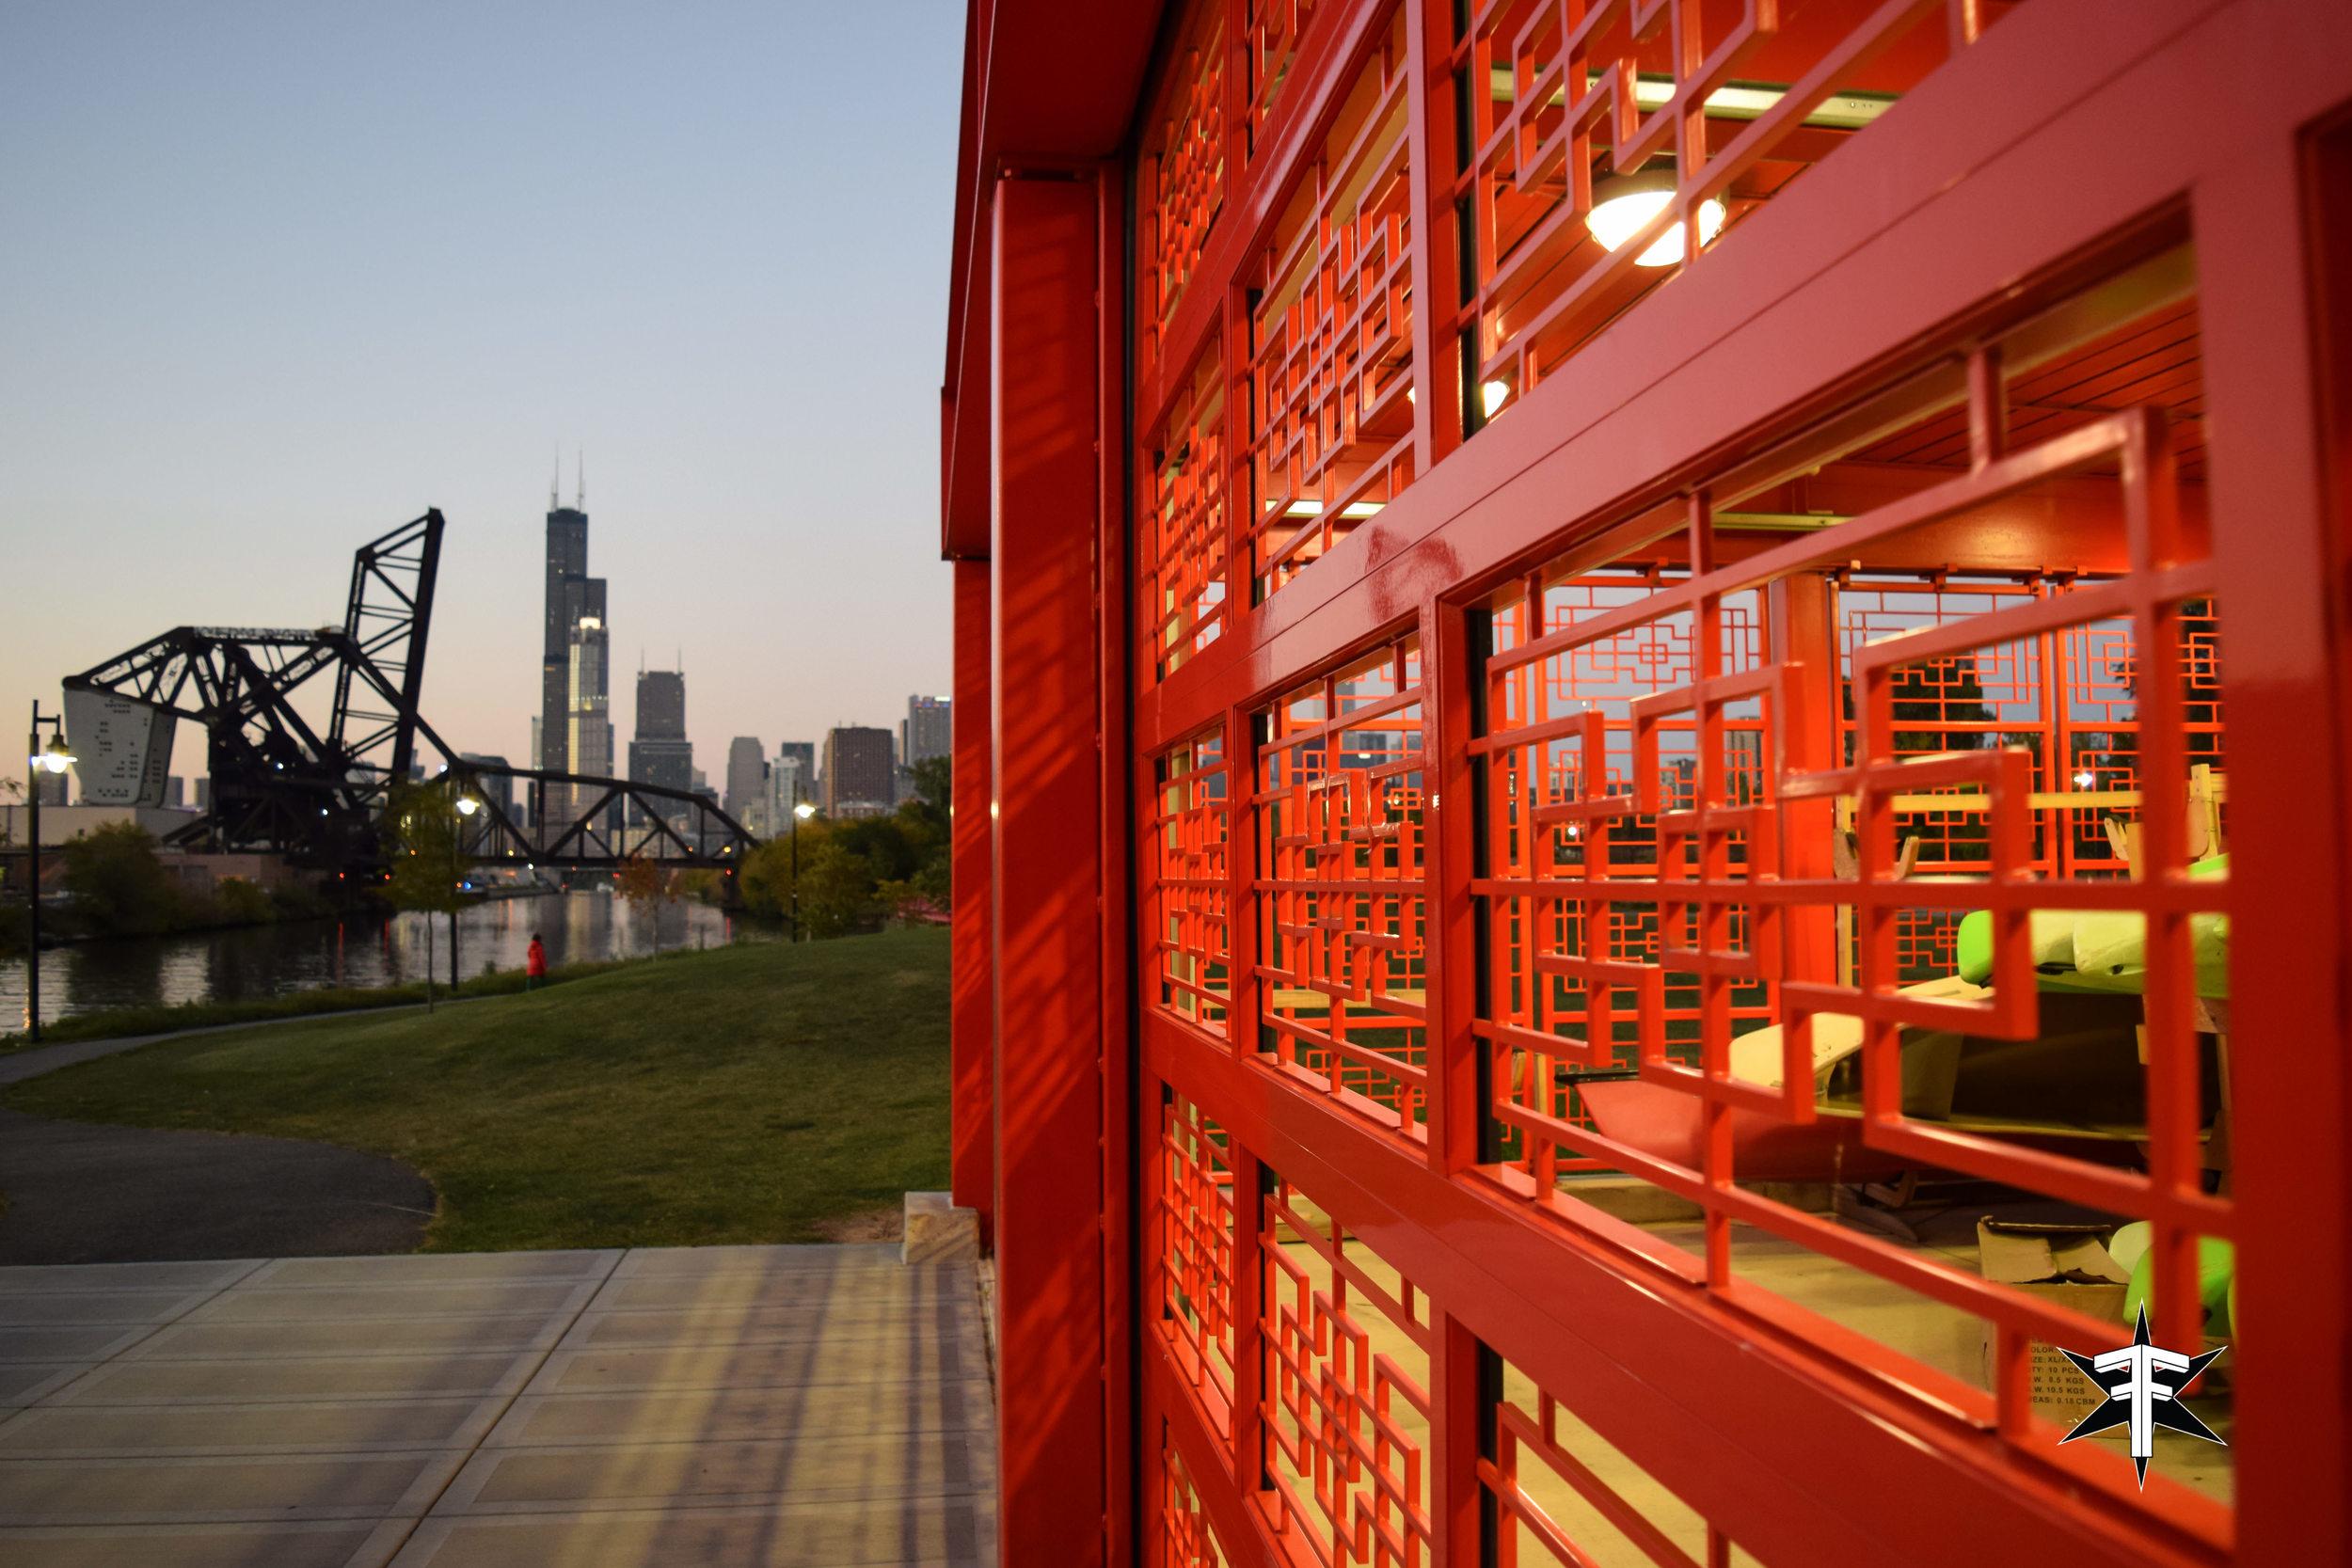 chicago architecture eric formato photography design arquitectura architettura buildings skyscraper skyscrapers-159.jpg